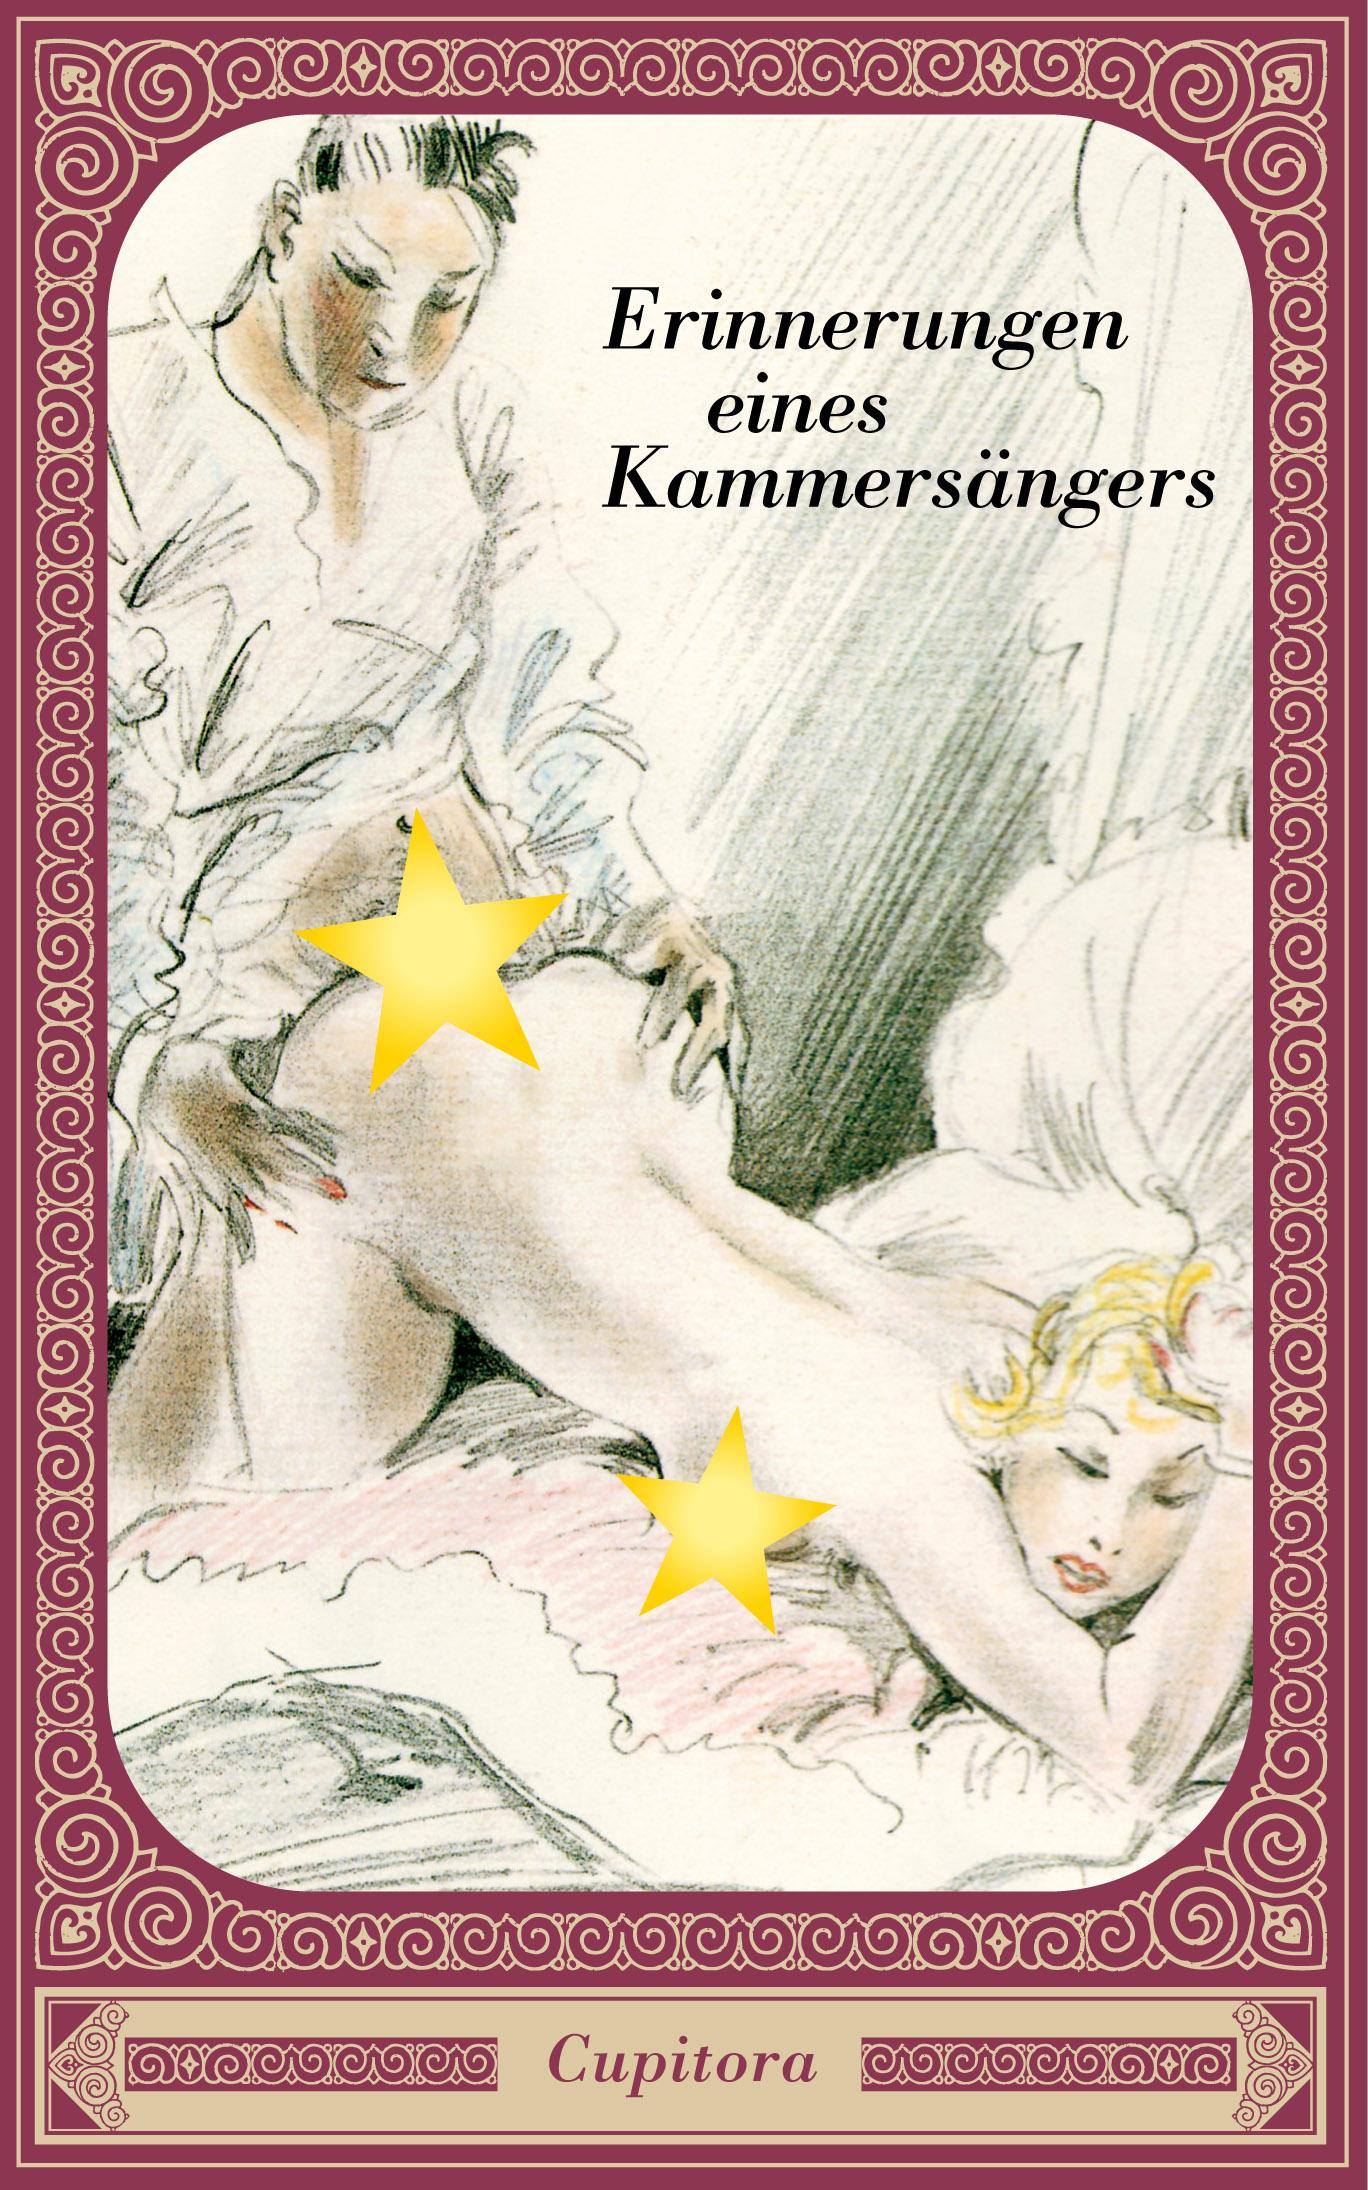 цена Anonym Erinnerungen eines Kammersängers онлайн в 2017 году